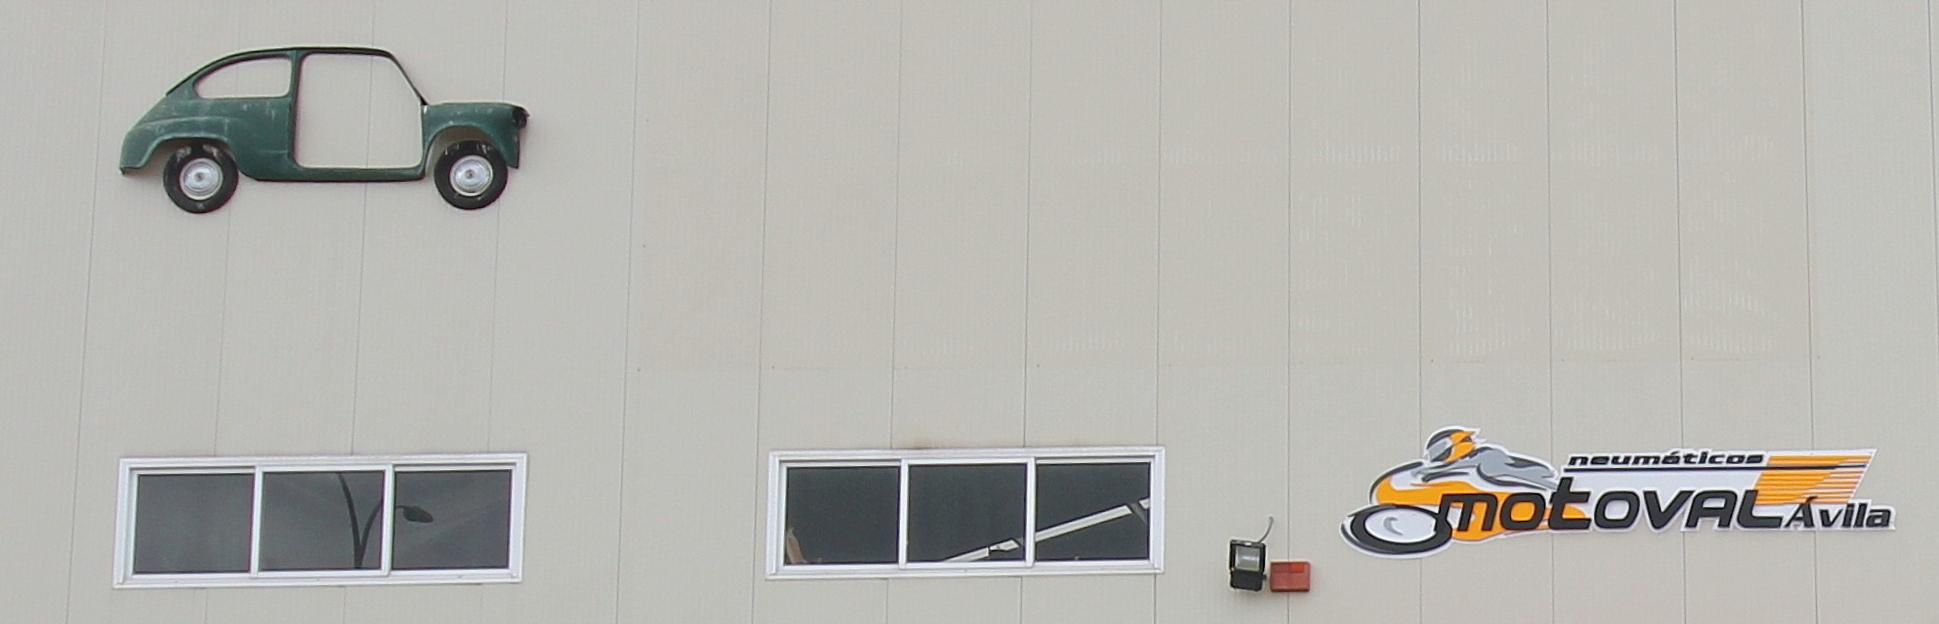 Detalle fachada neumaticos Motoval Avila